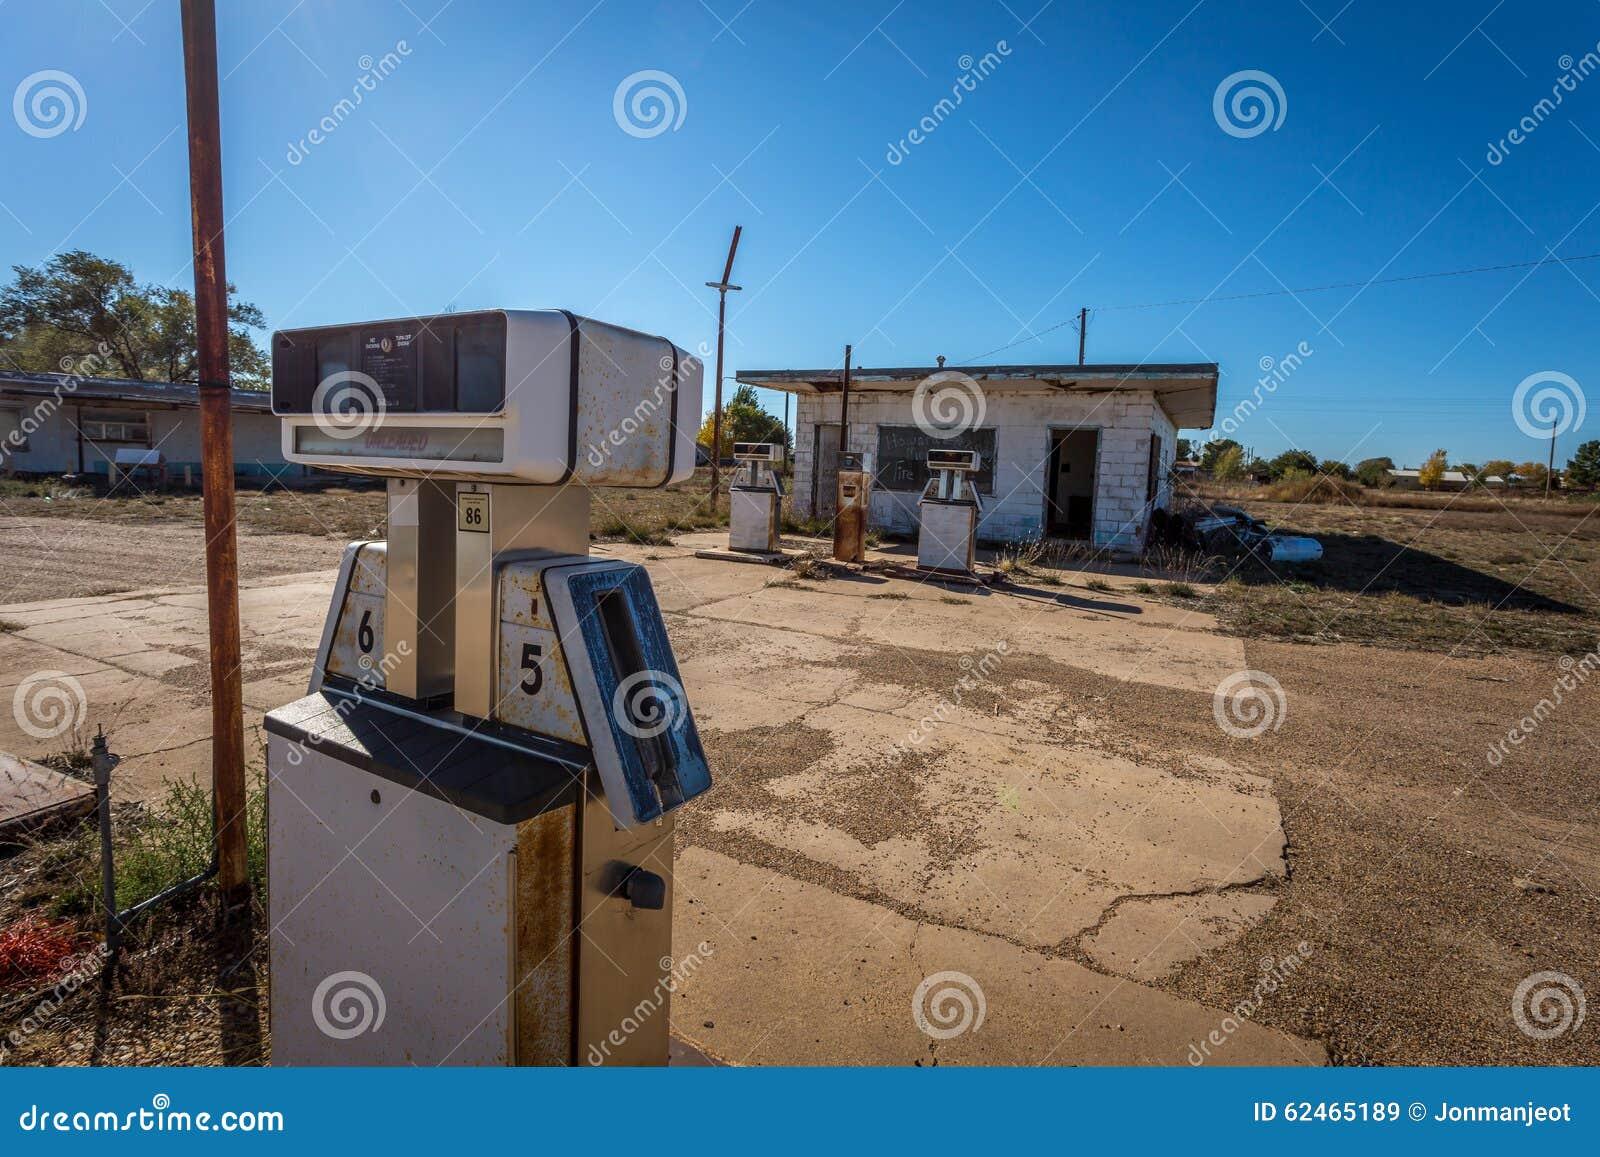 Abandoned Places Stock Photo Image 62465189